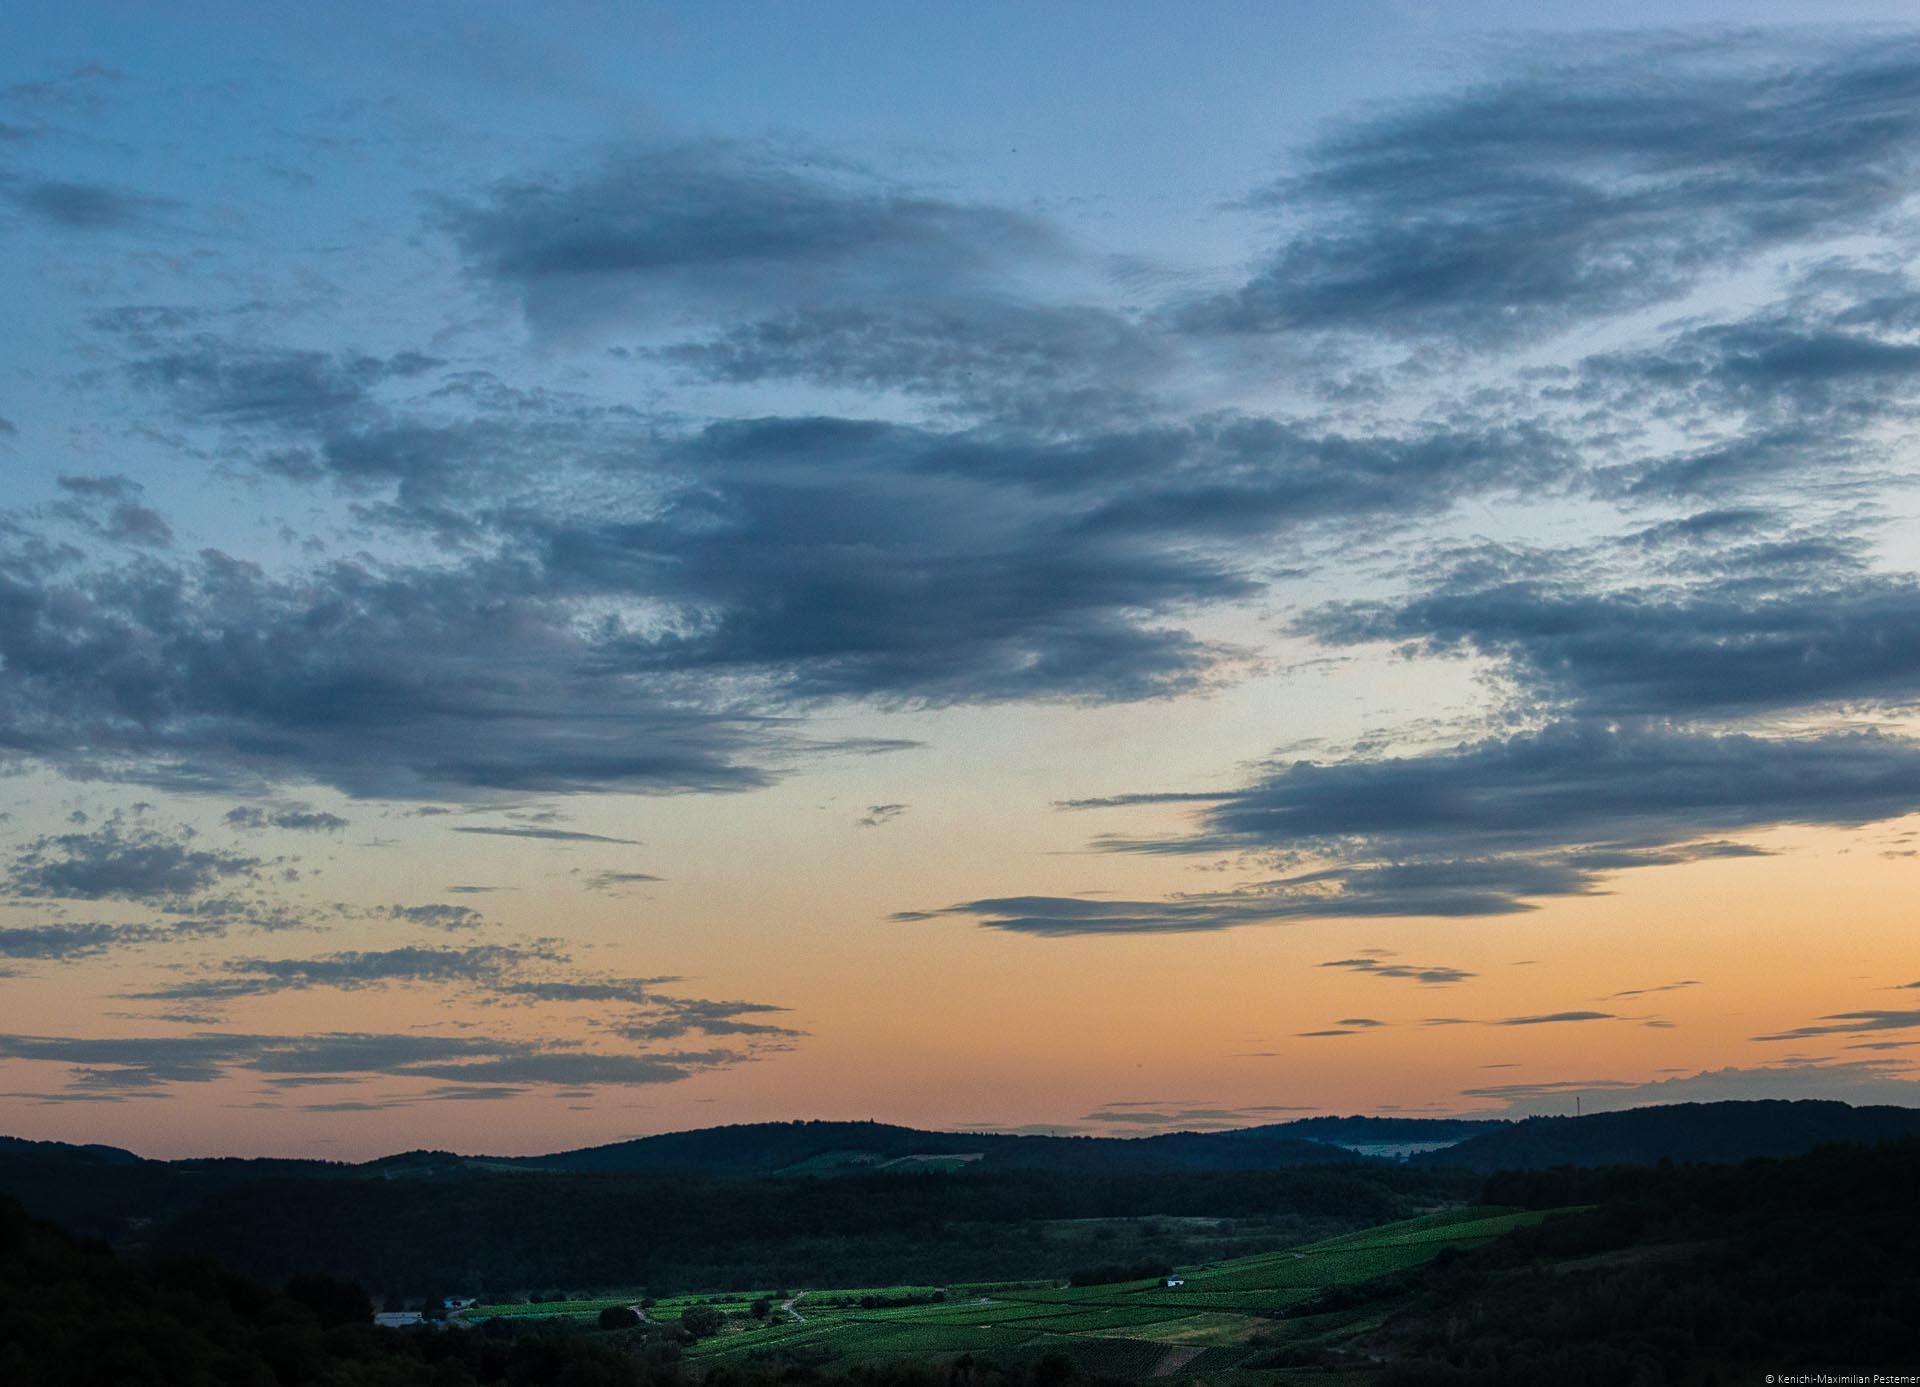 Man blickt aus der Ferne auf den Weinberg Wiltinger Schlangengraben. Rund um den Weinberg erkennt man bewaldete Hügel. Im Weinberg sind einige kleine Häuser. Links im Bild befindet sich der Fluss Saar. Am Himmel geht die Sonne unter. Der Himmel ist orange-rot und blau. Es sind Wolken am Himmel.